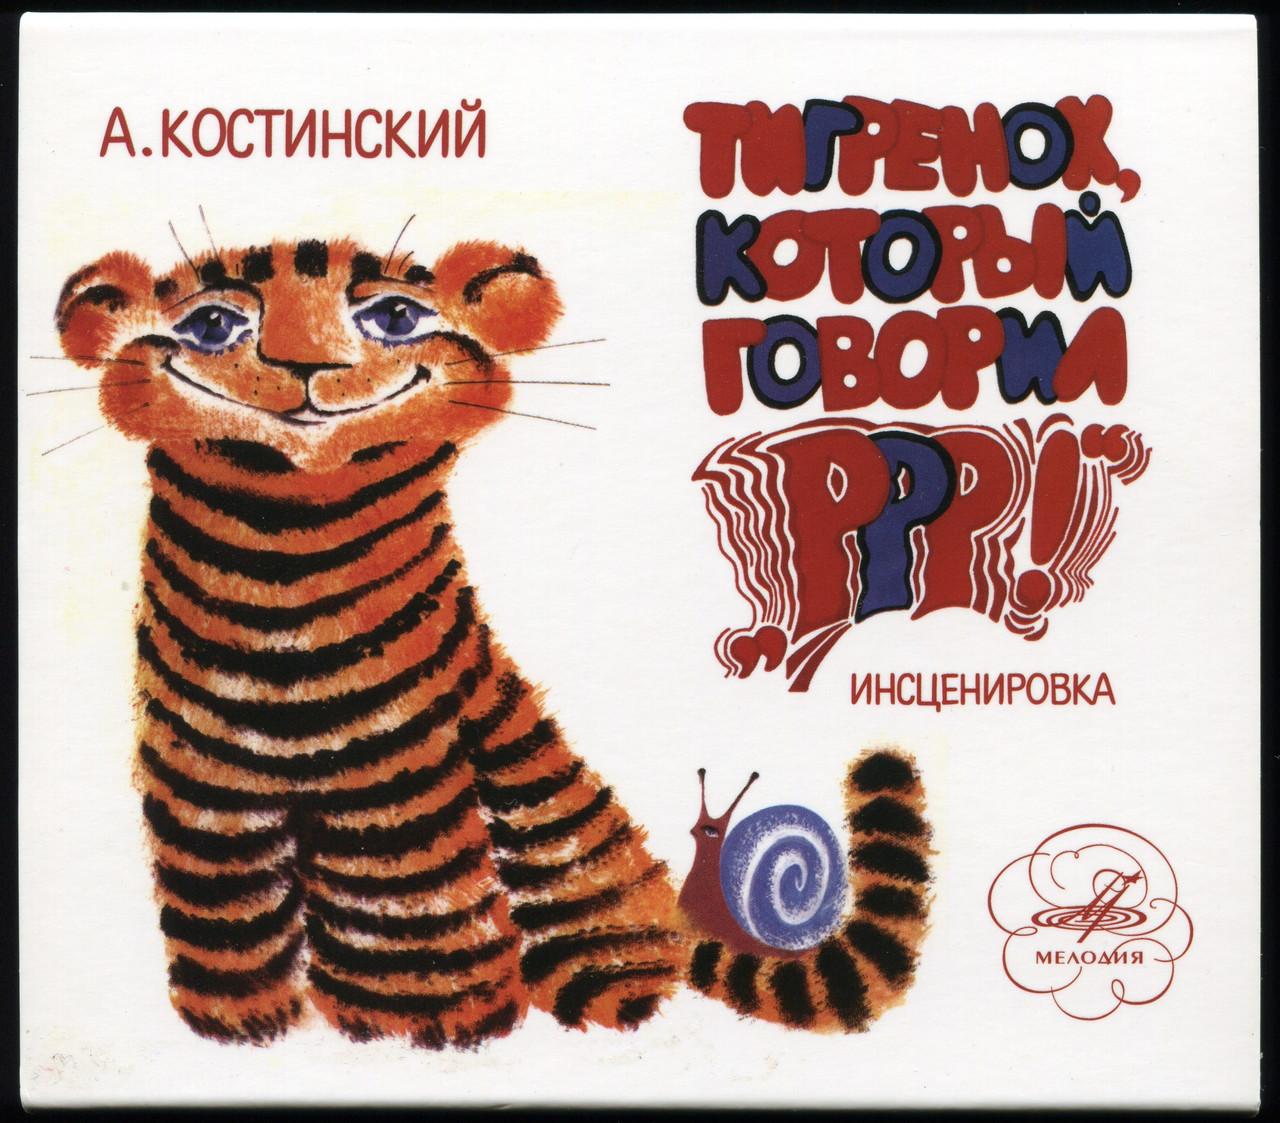 """Пластинка виниловая А. Костинский - Тигренок, который говорил """"Р-Р-Р!"""". Инсценировка"""